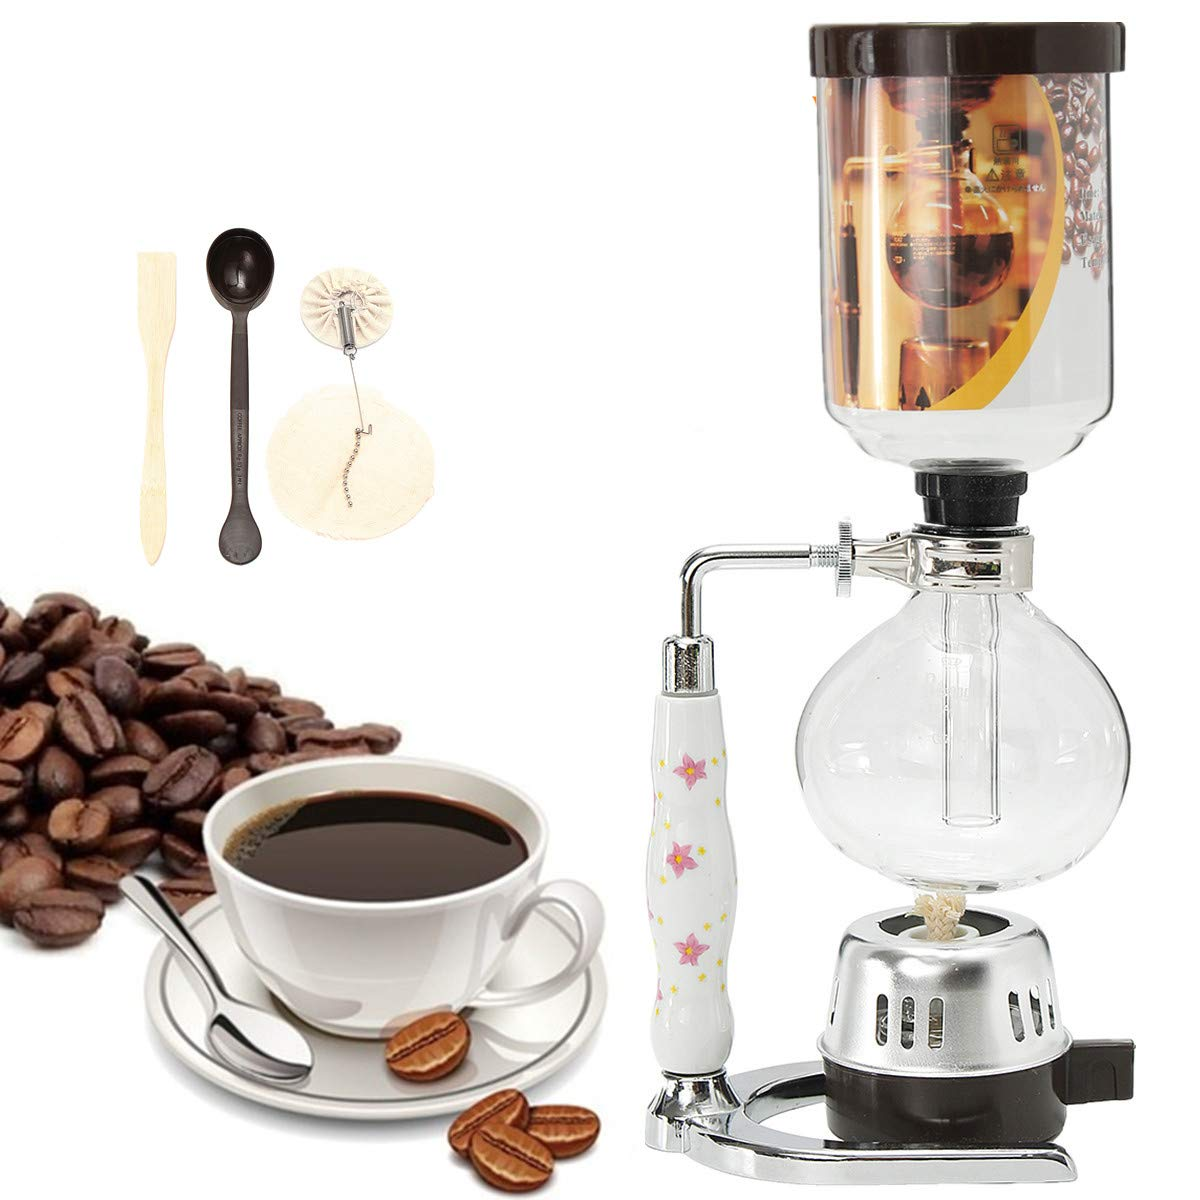 Independiente, M/áquina espresso, Negro, Botones, Giratorio, 1,8 L, 2 tazas Krups EA8108 Independiente Totalmente autom/ática M/áquina espresso 1.8L 2tazas Negro Cafetera